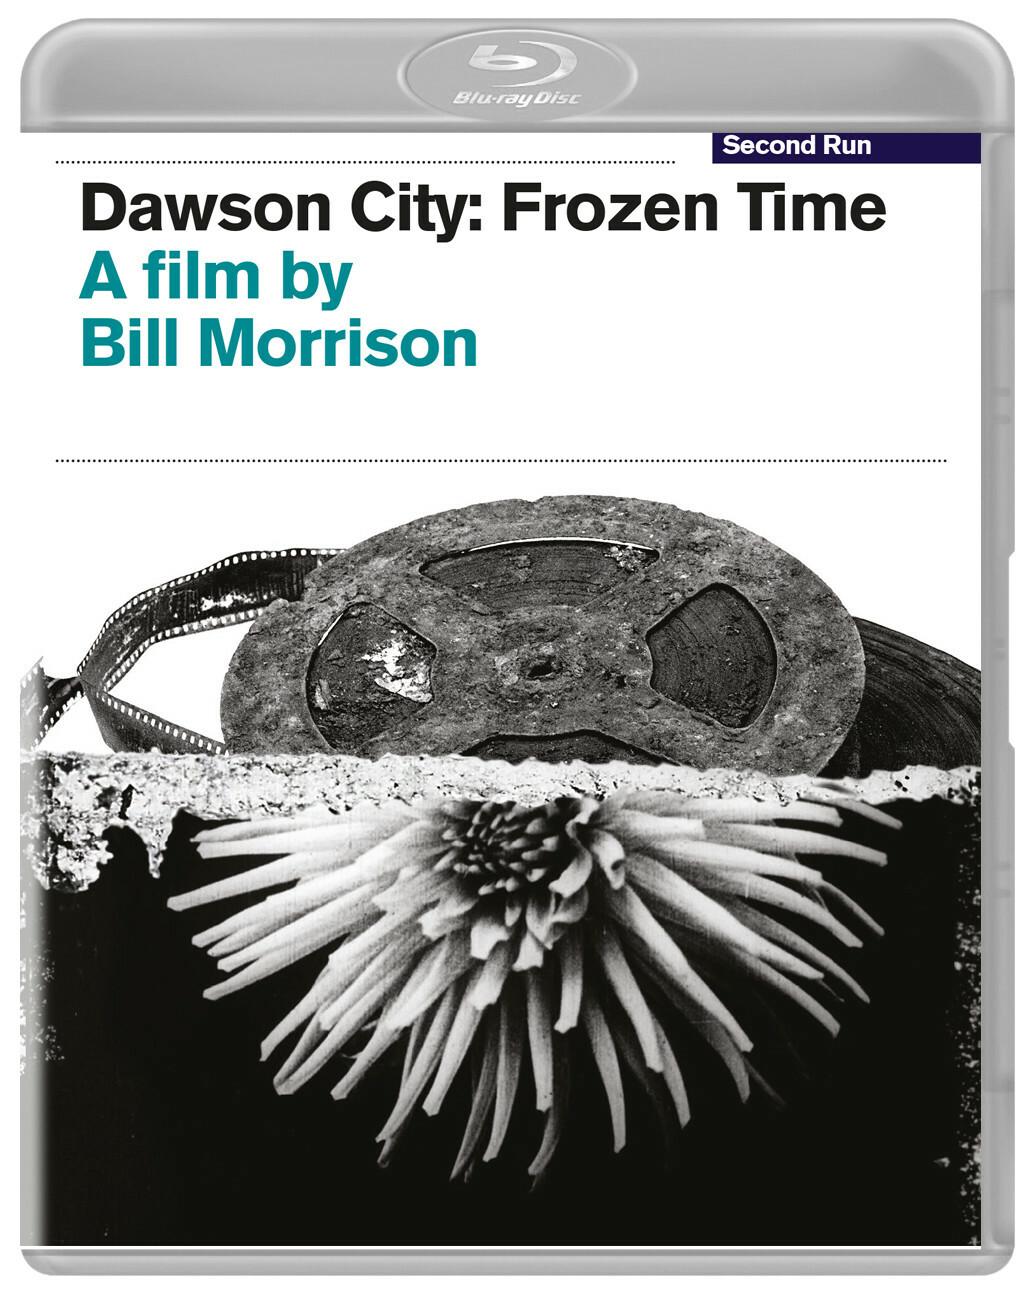 ドーソン・シティ 凍結された時間